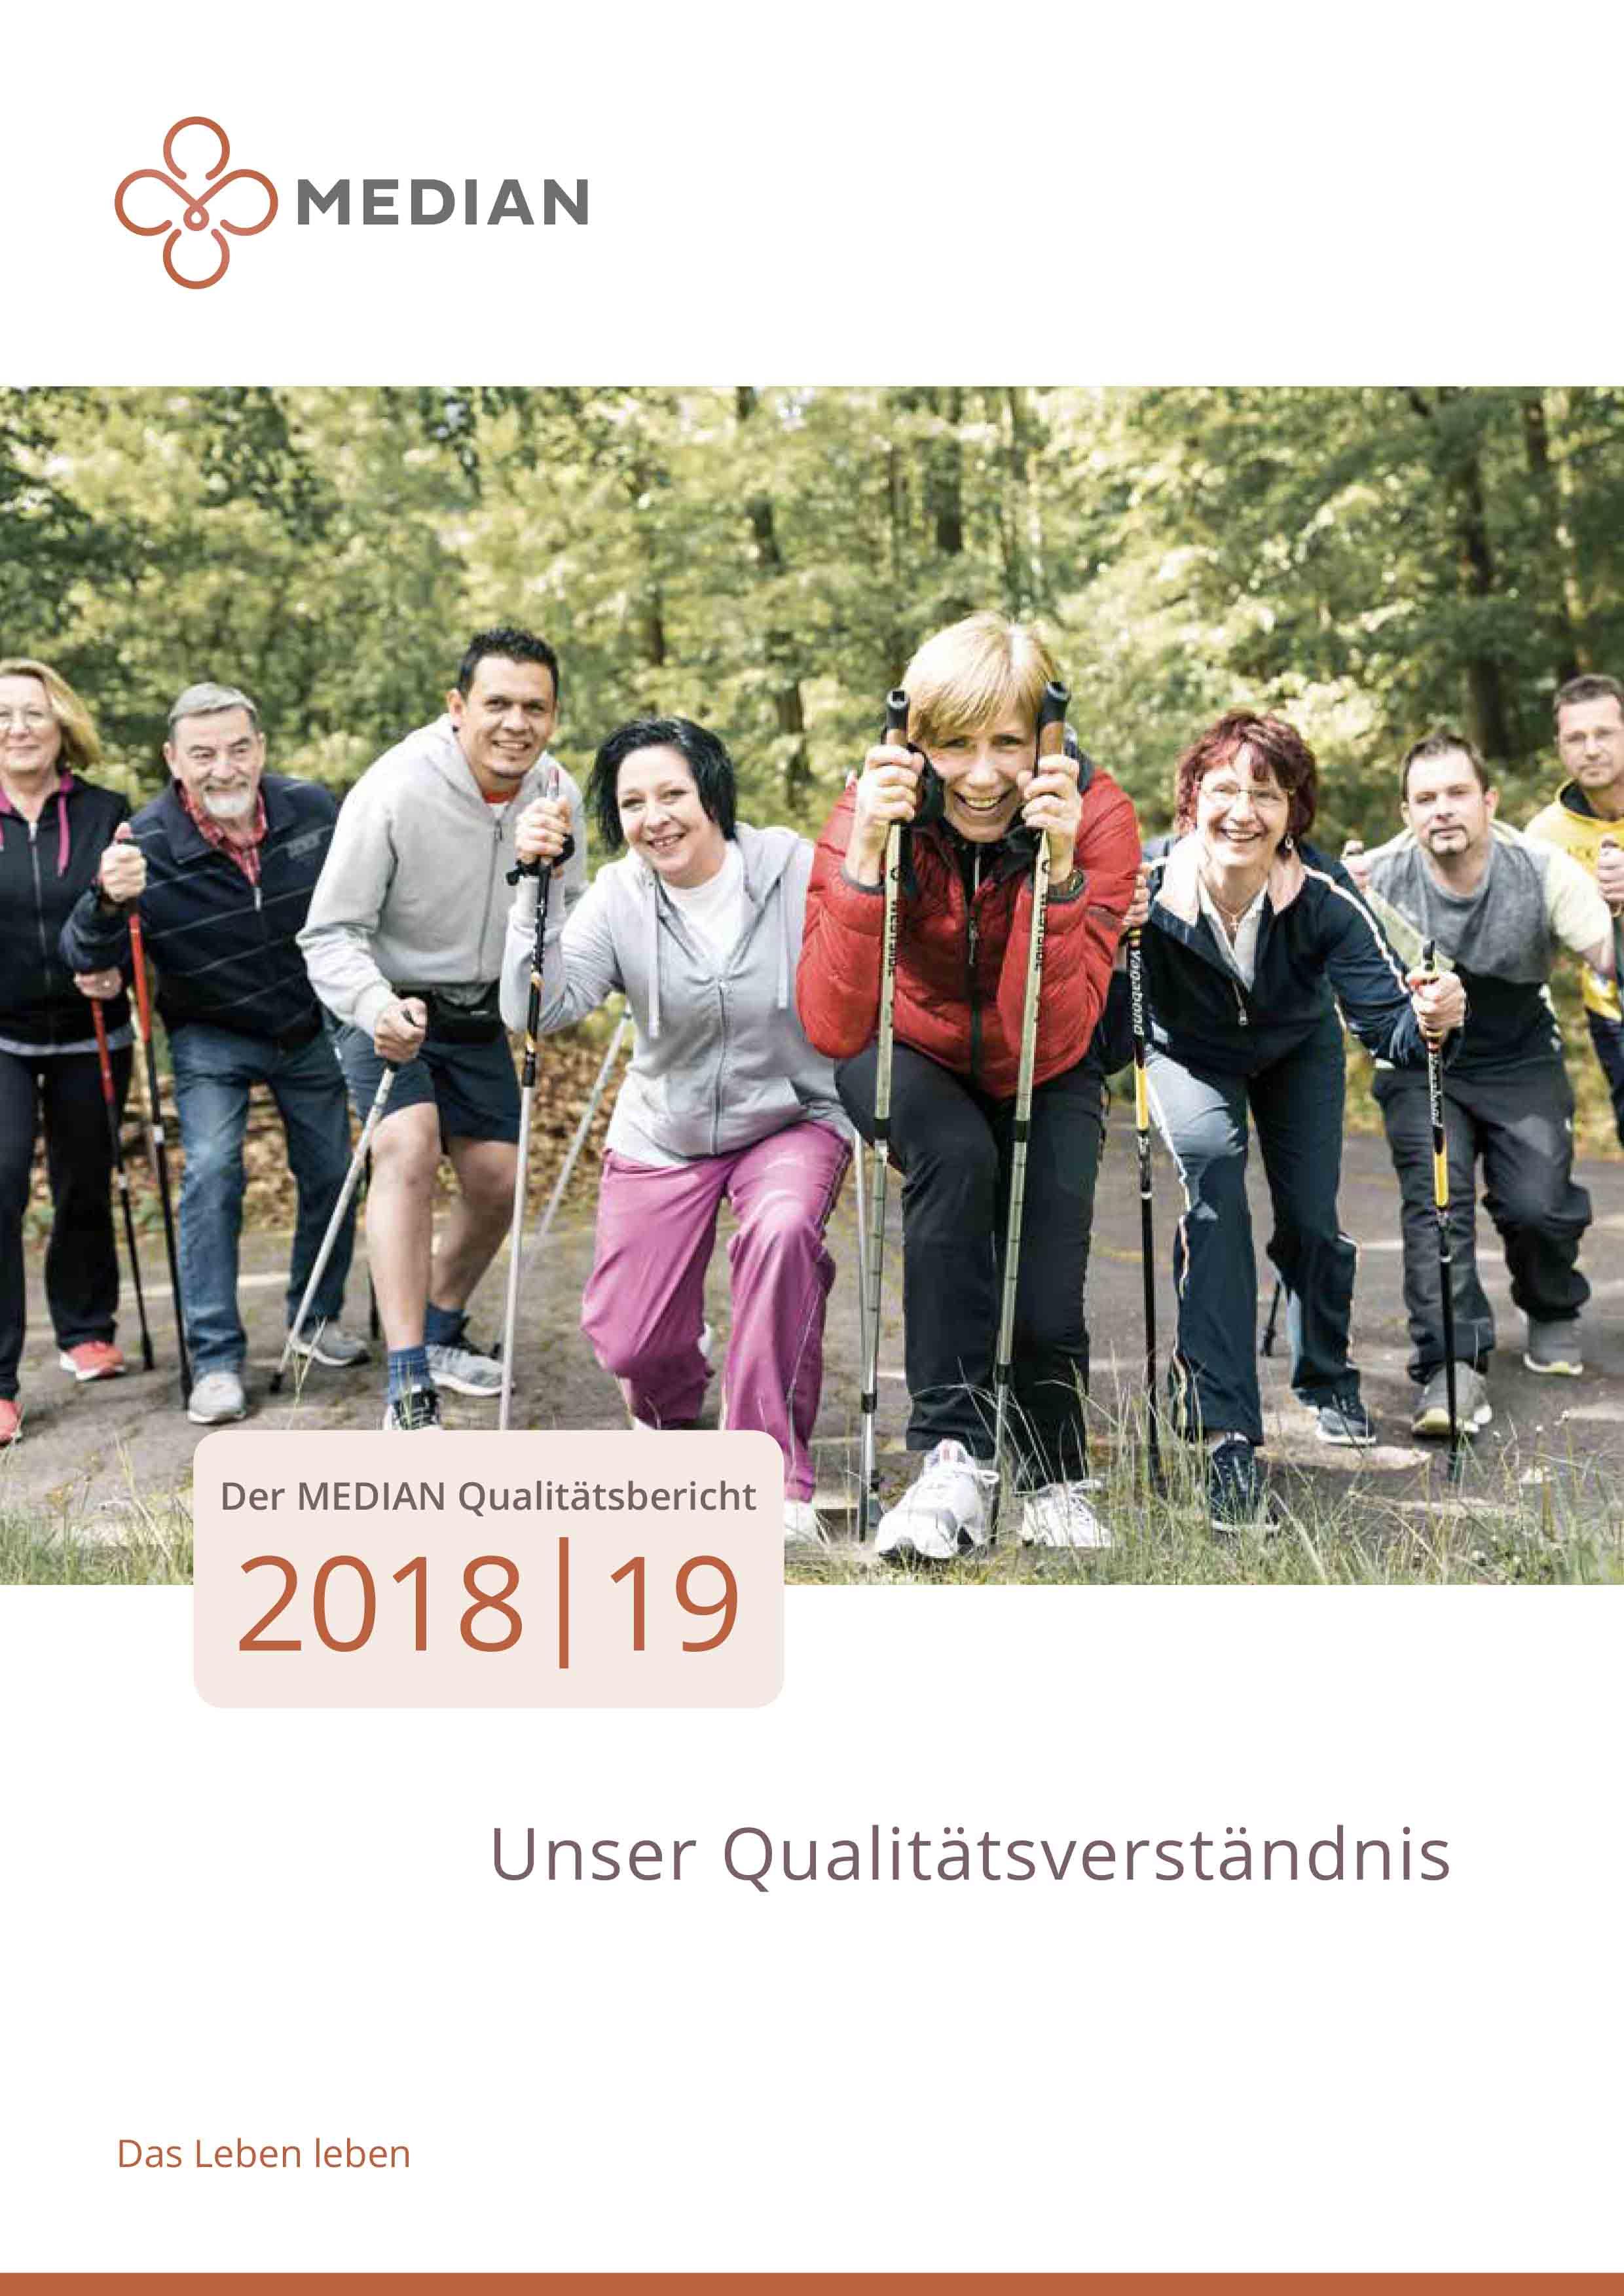 MEDIAN Qualitätsbericht 2018/2019 der MEDIAN Kliniken